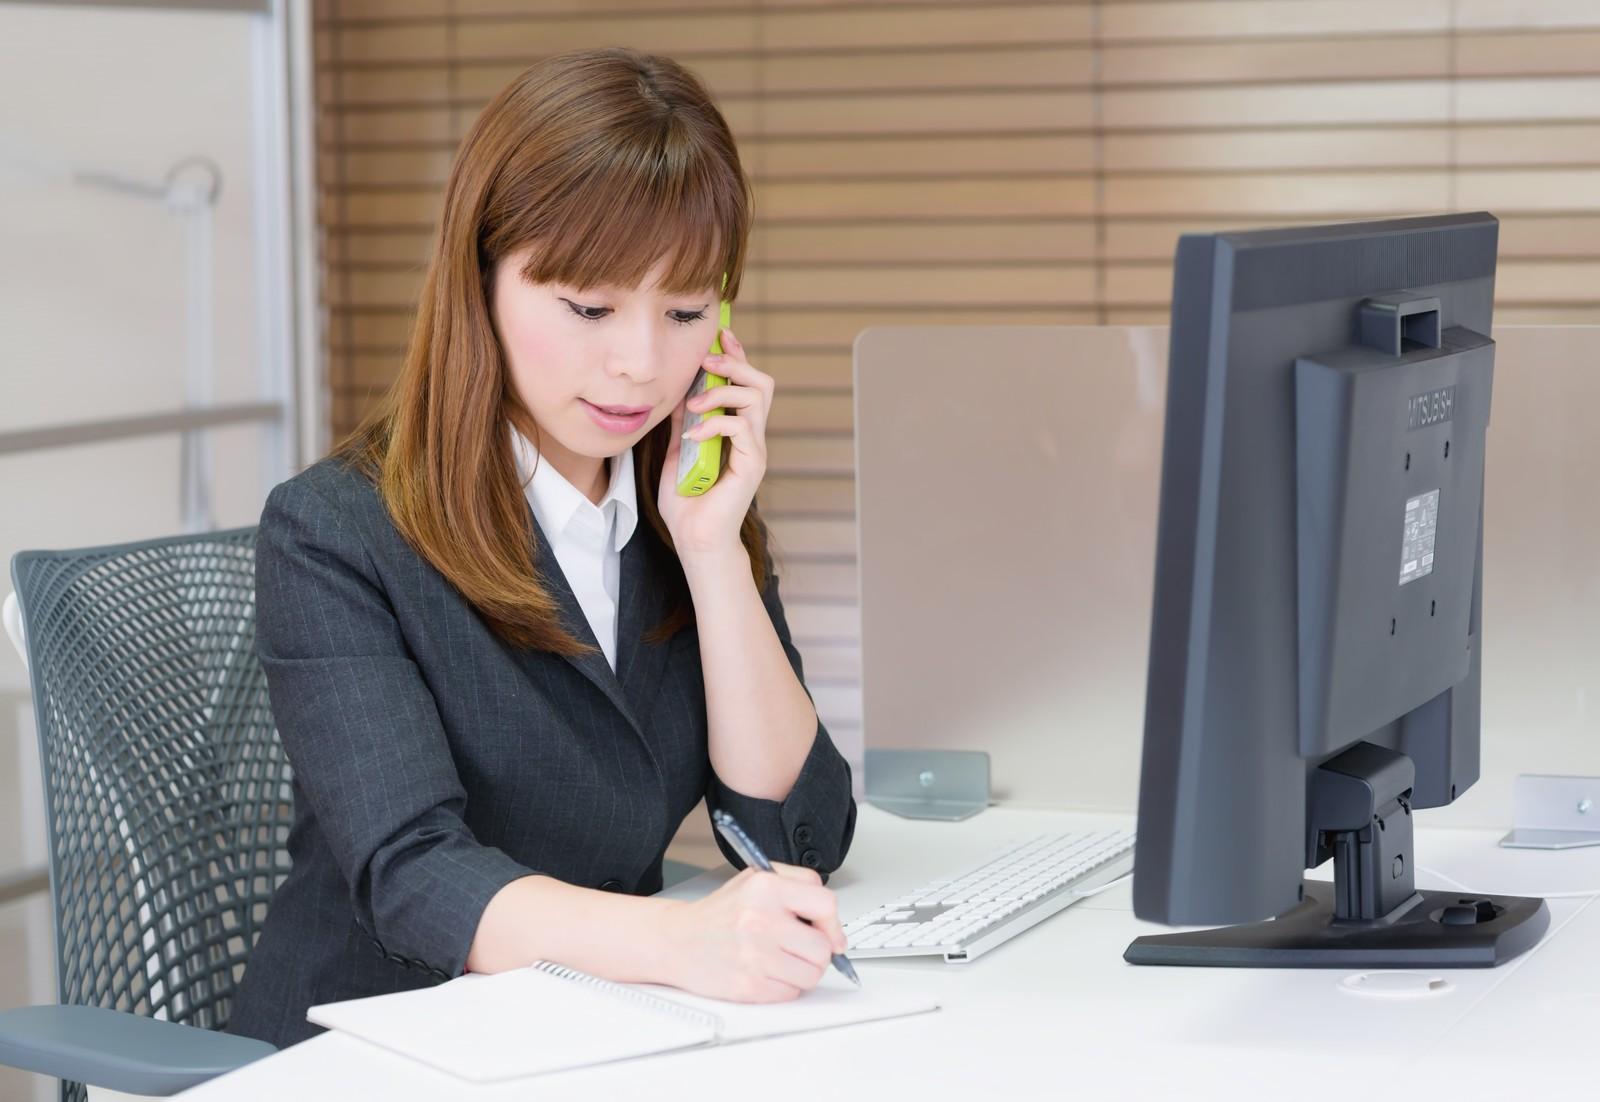 契約社員は5年までしか働けない?5年たつと正社員になれるの?